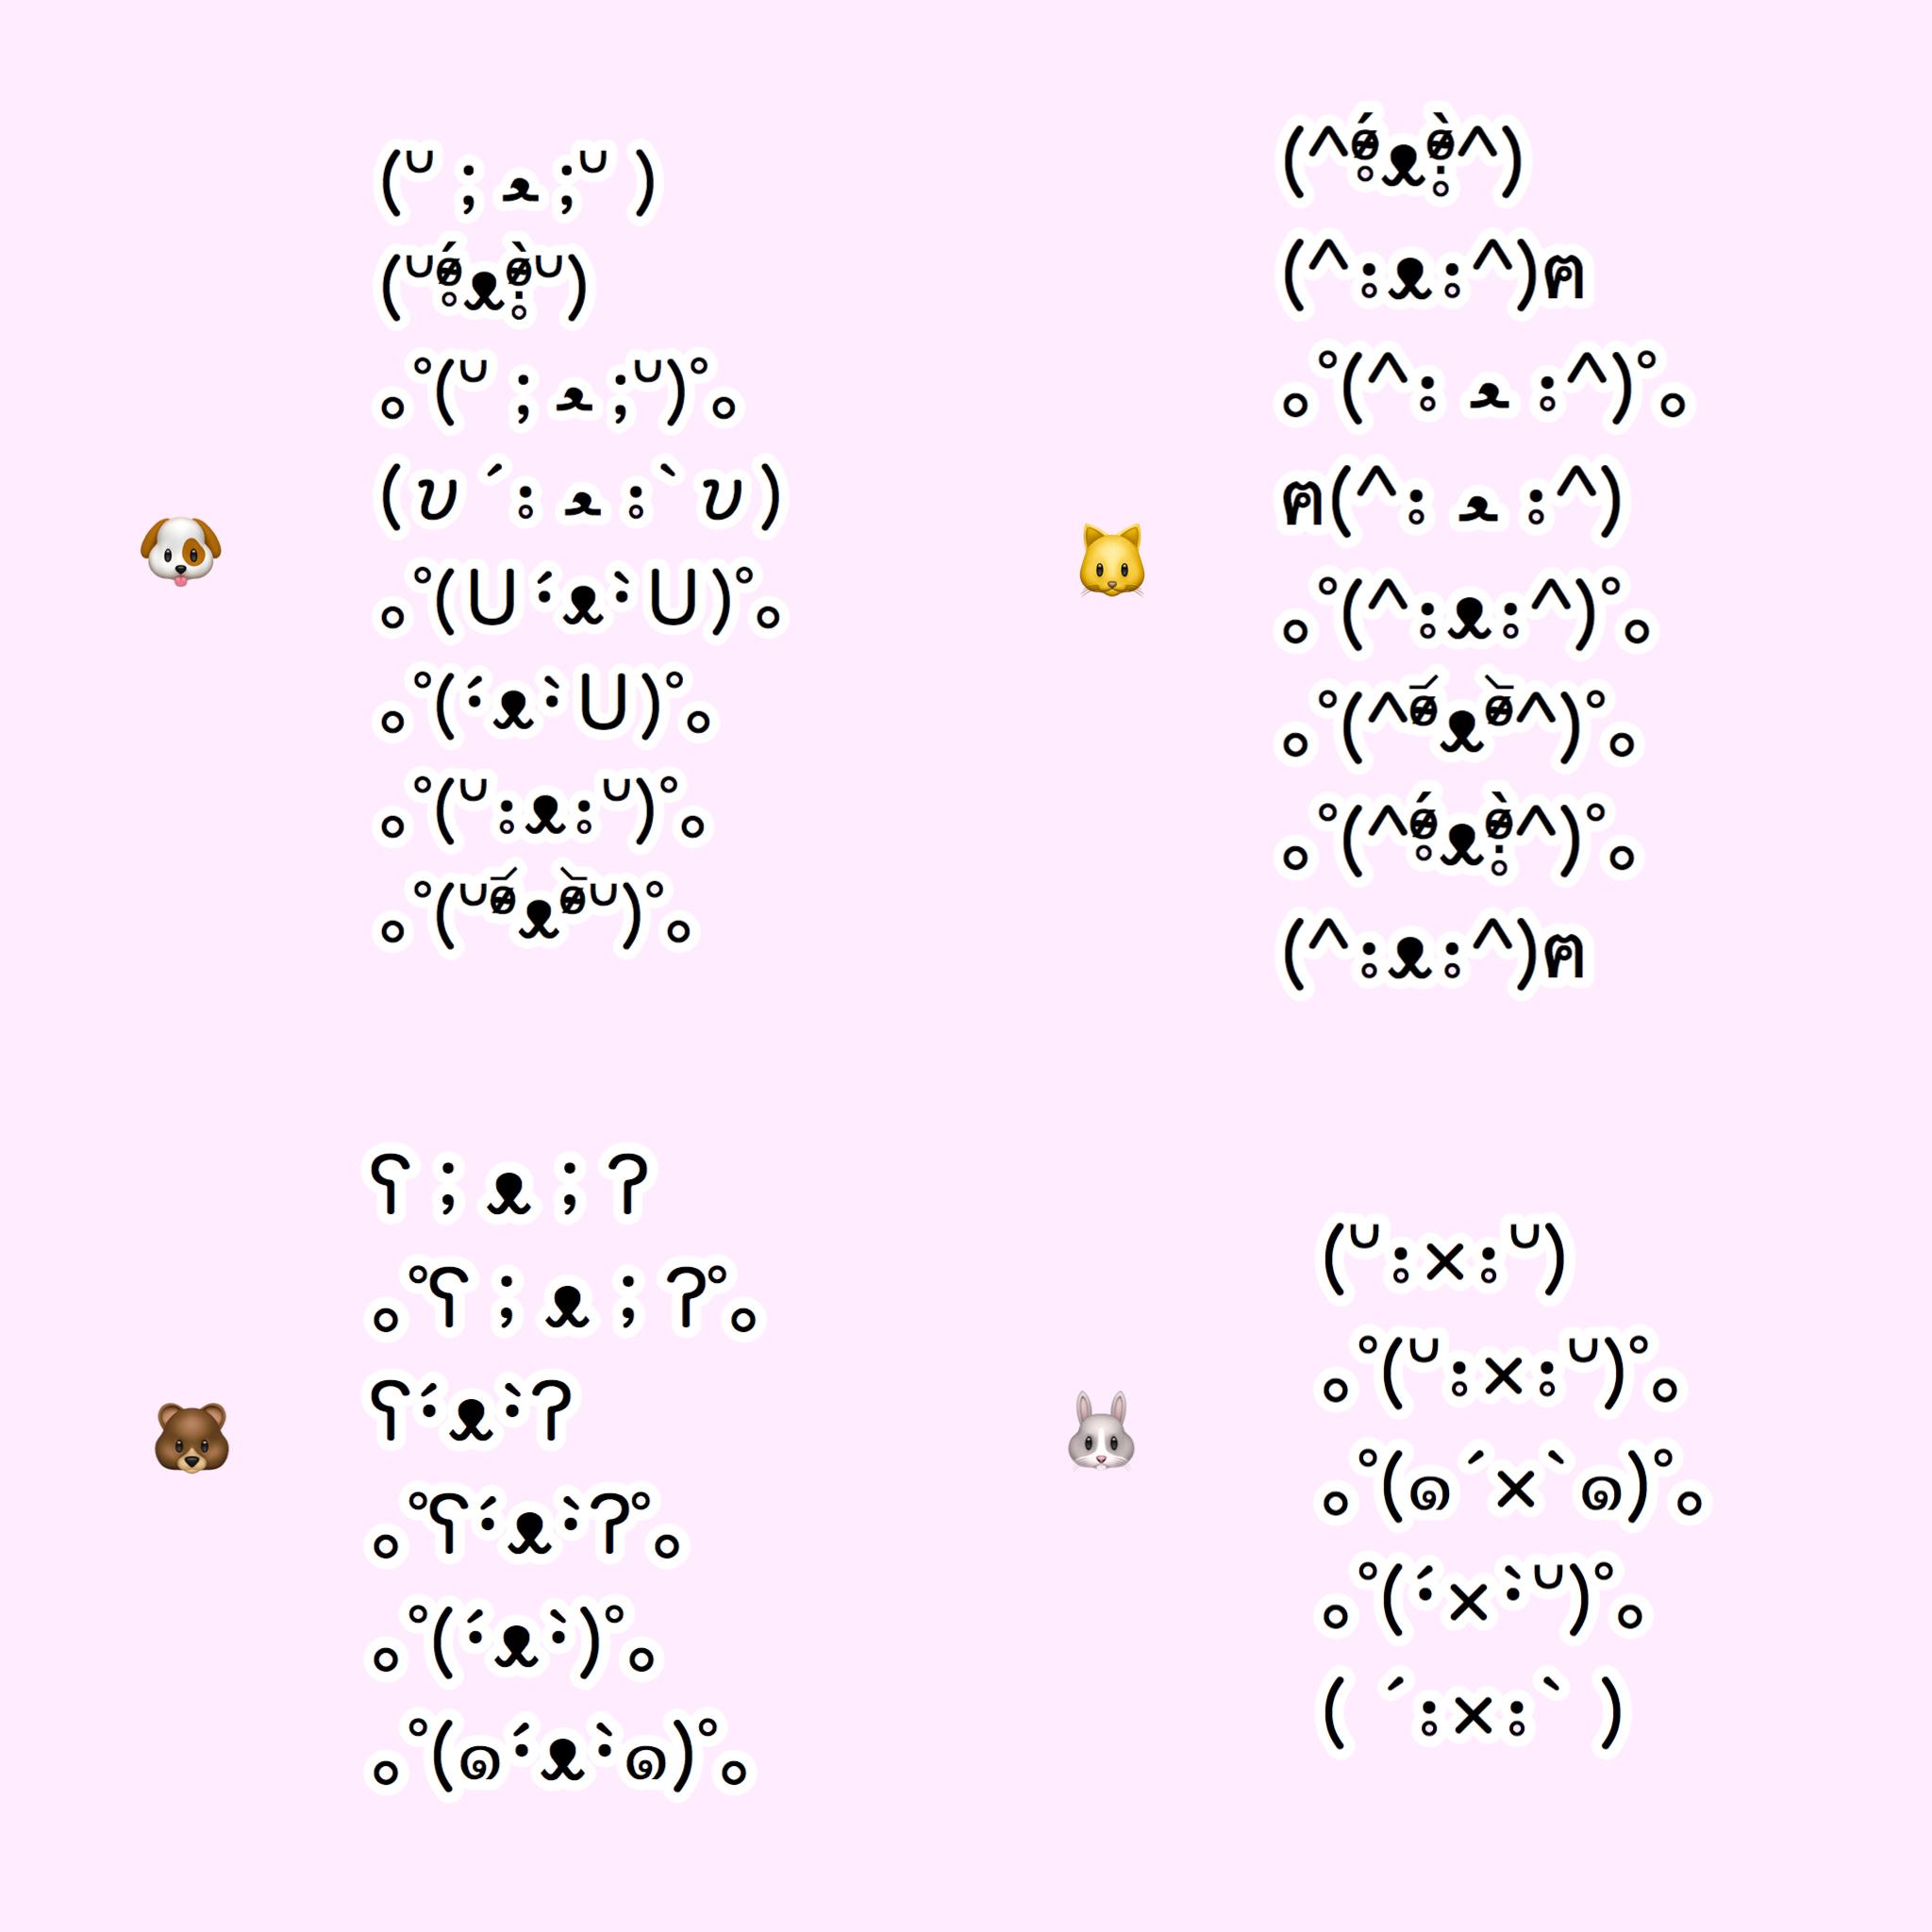 特殊 文字 かわいい 【コピペで簡単】かわいい特殊文字(デコ文字)・かわいいフォントが使...